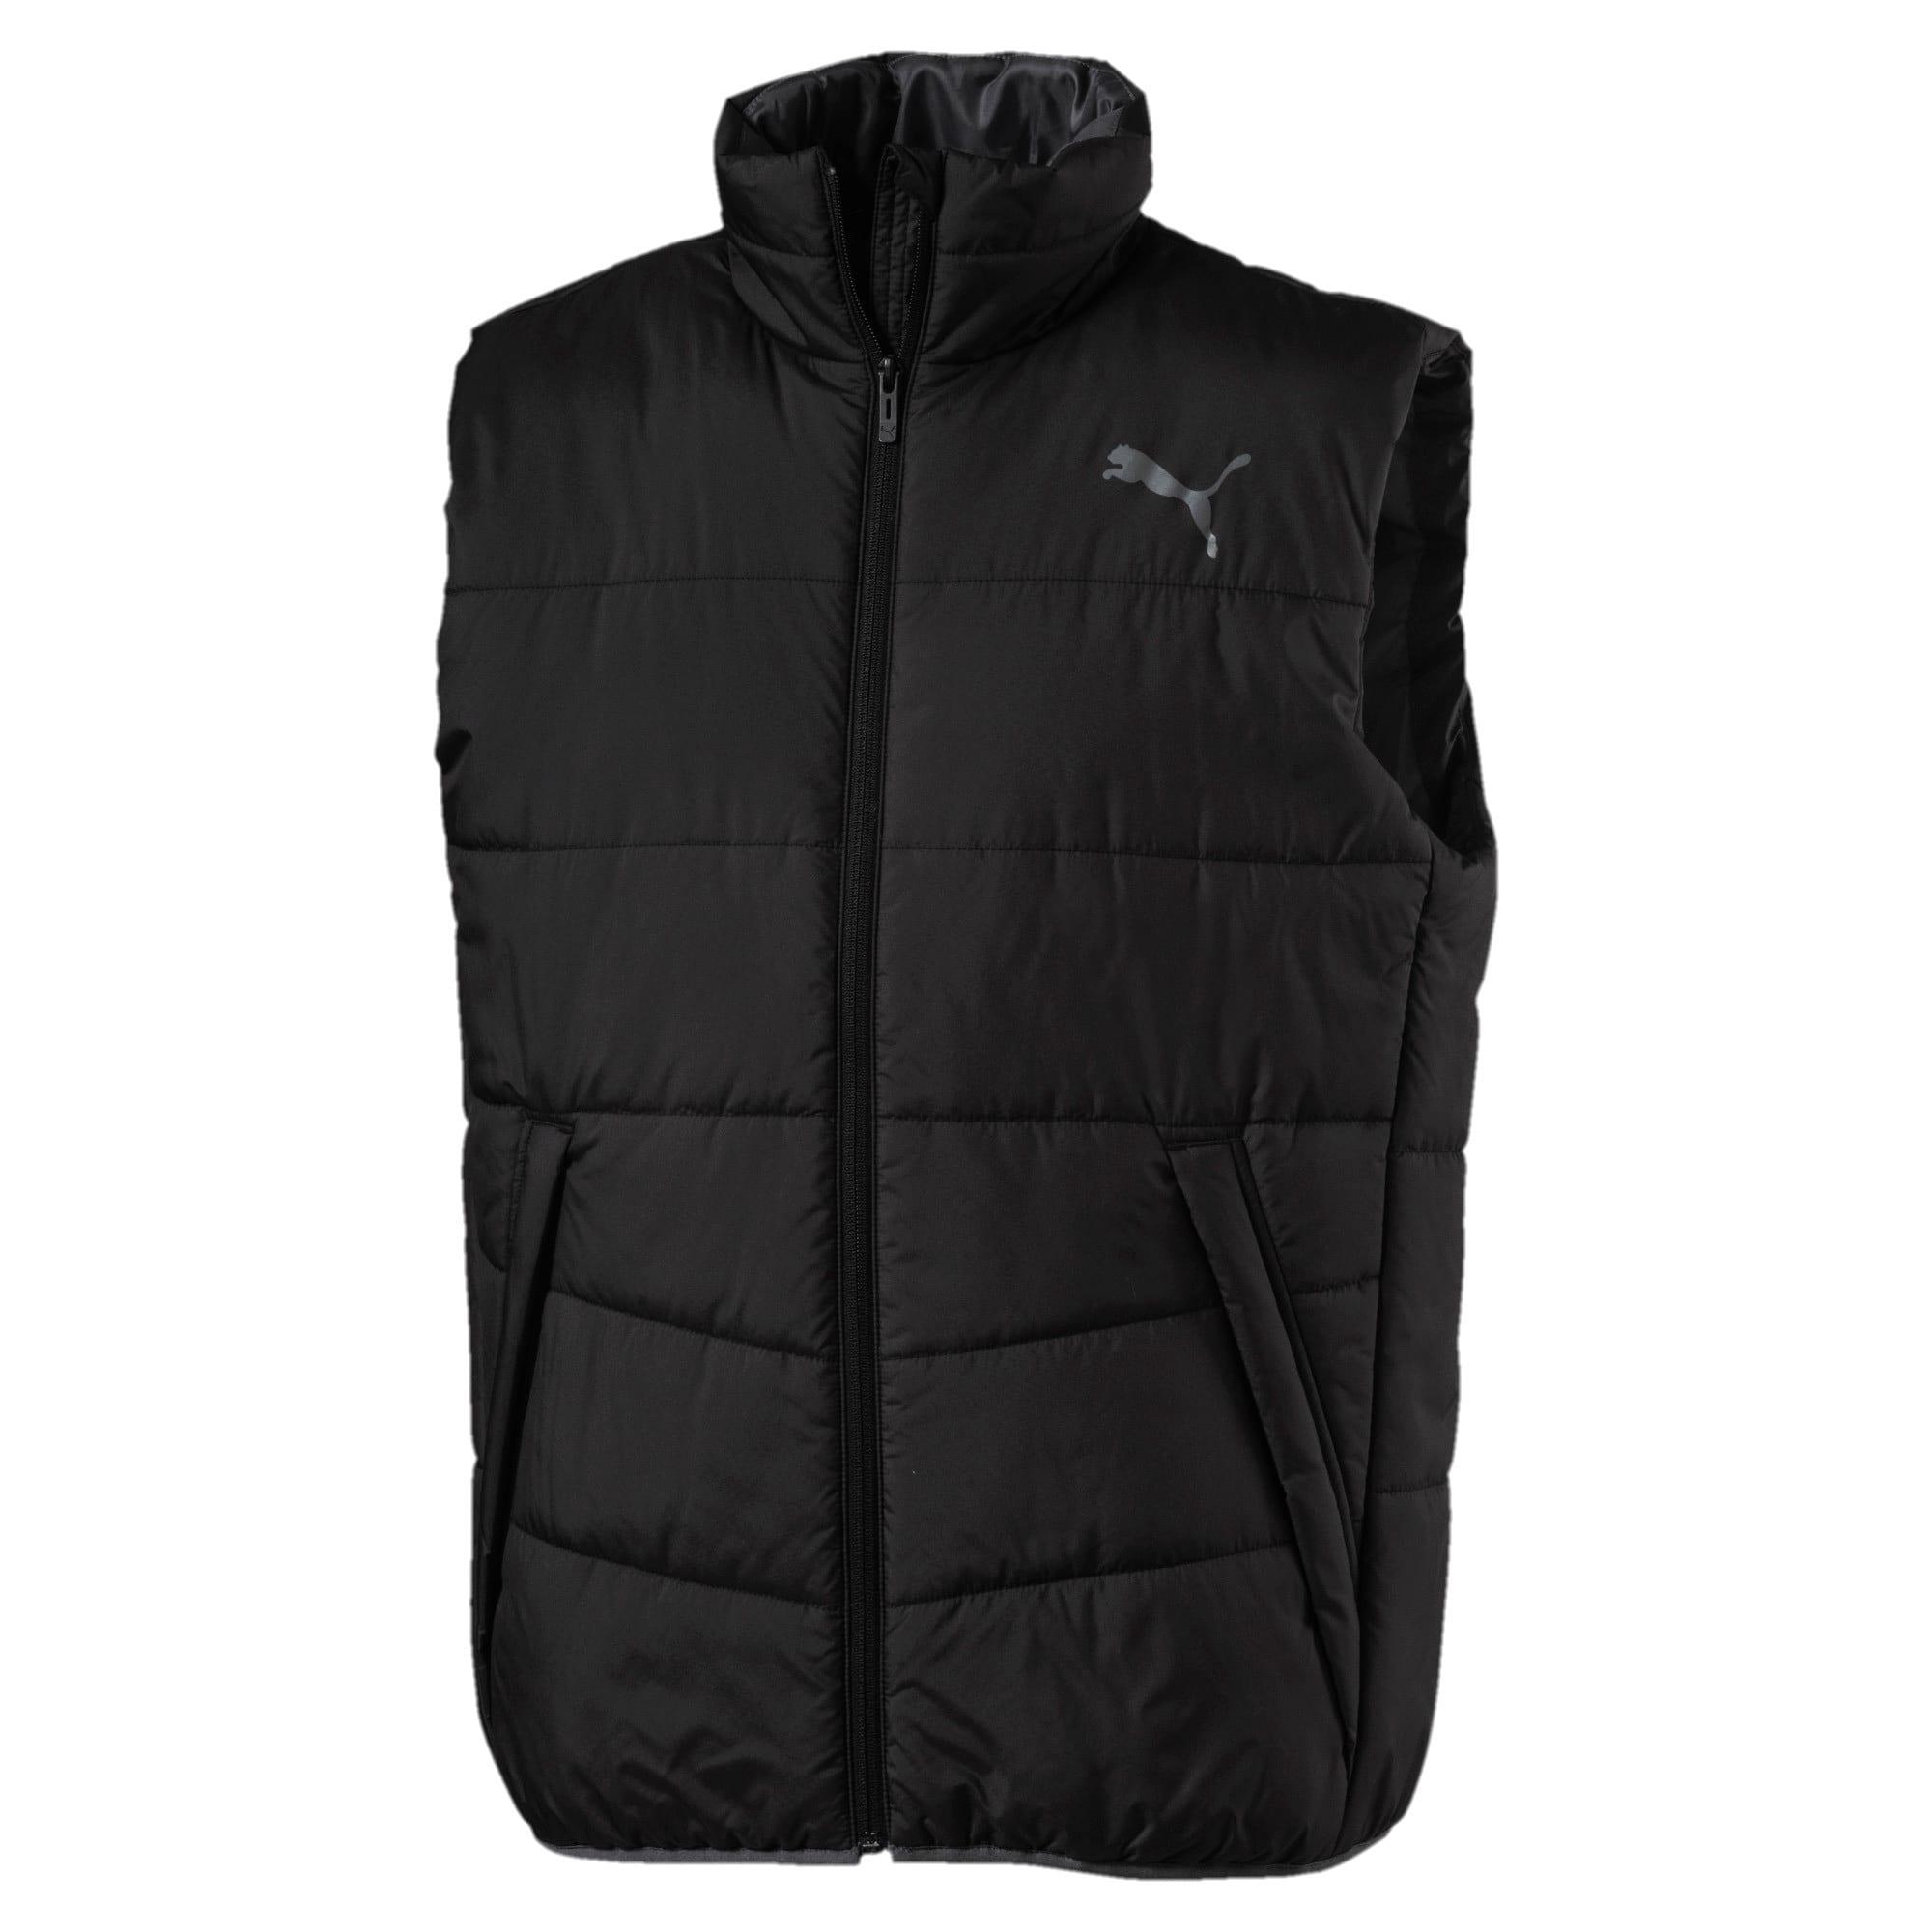 Thumbnail 1 of ESS Padded Vest, Puma Black, medium